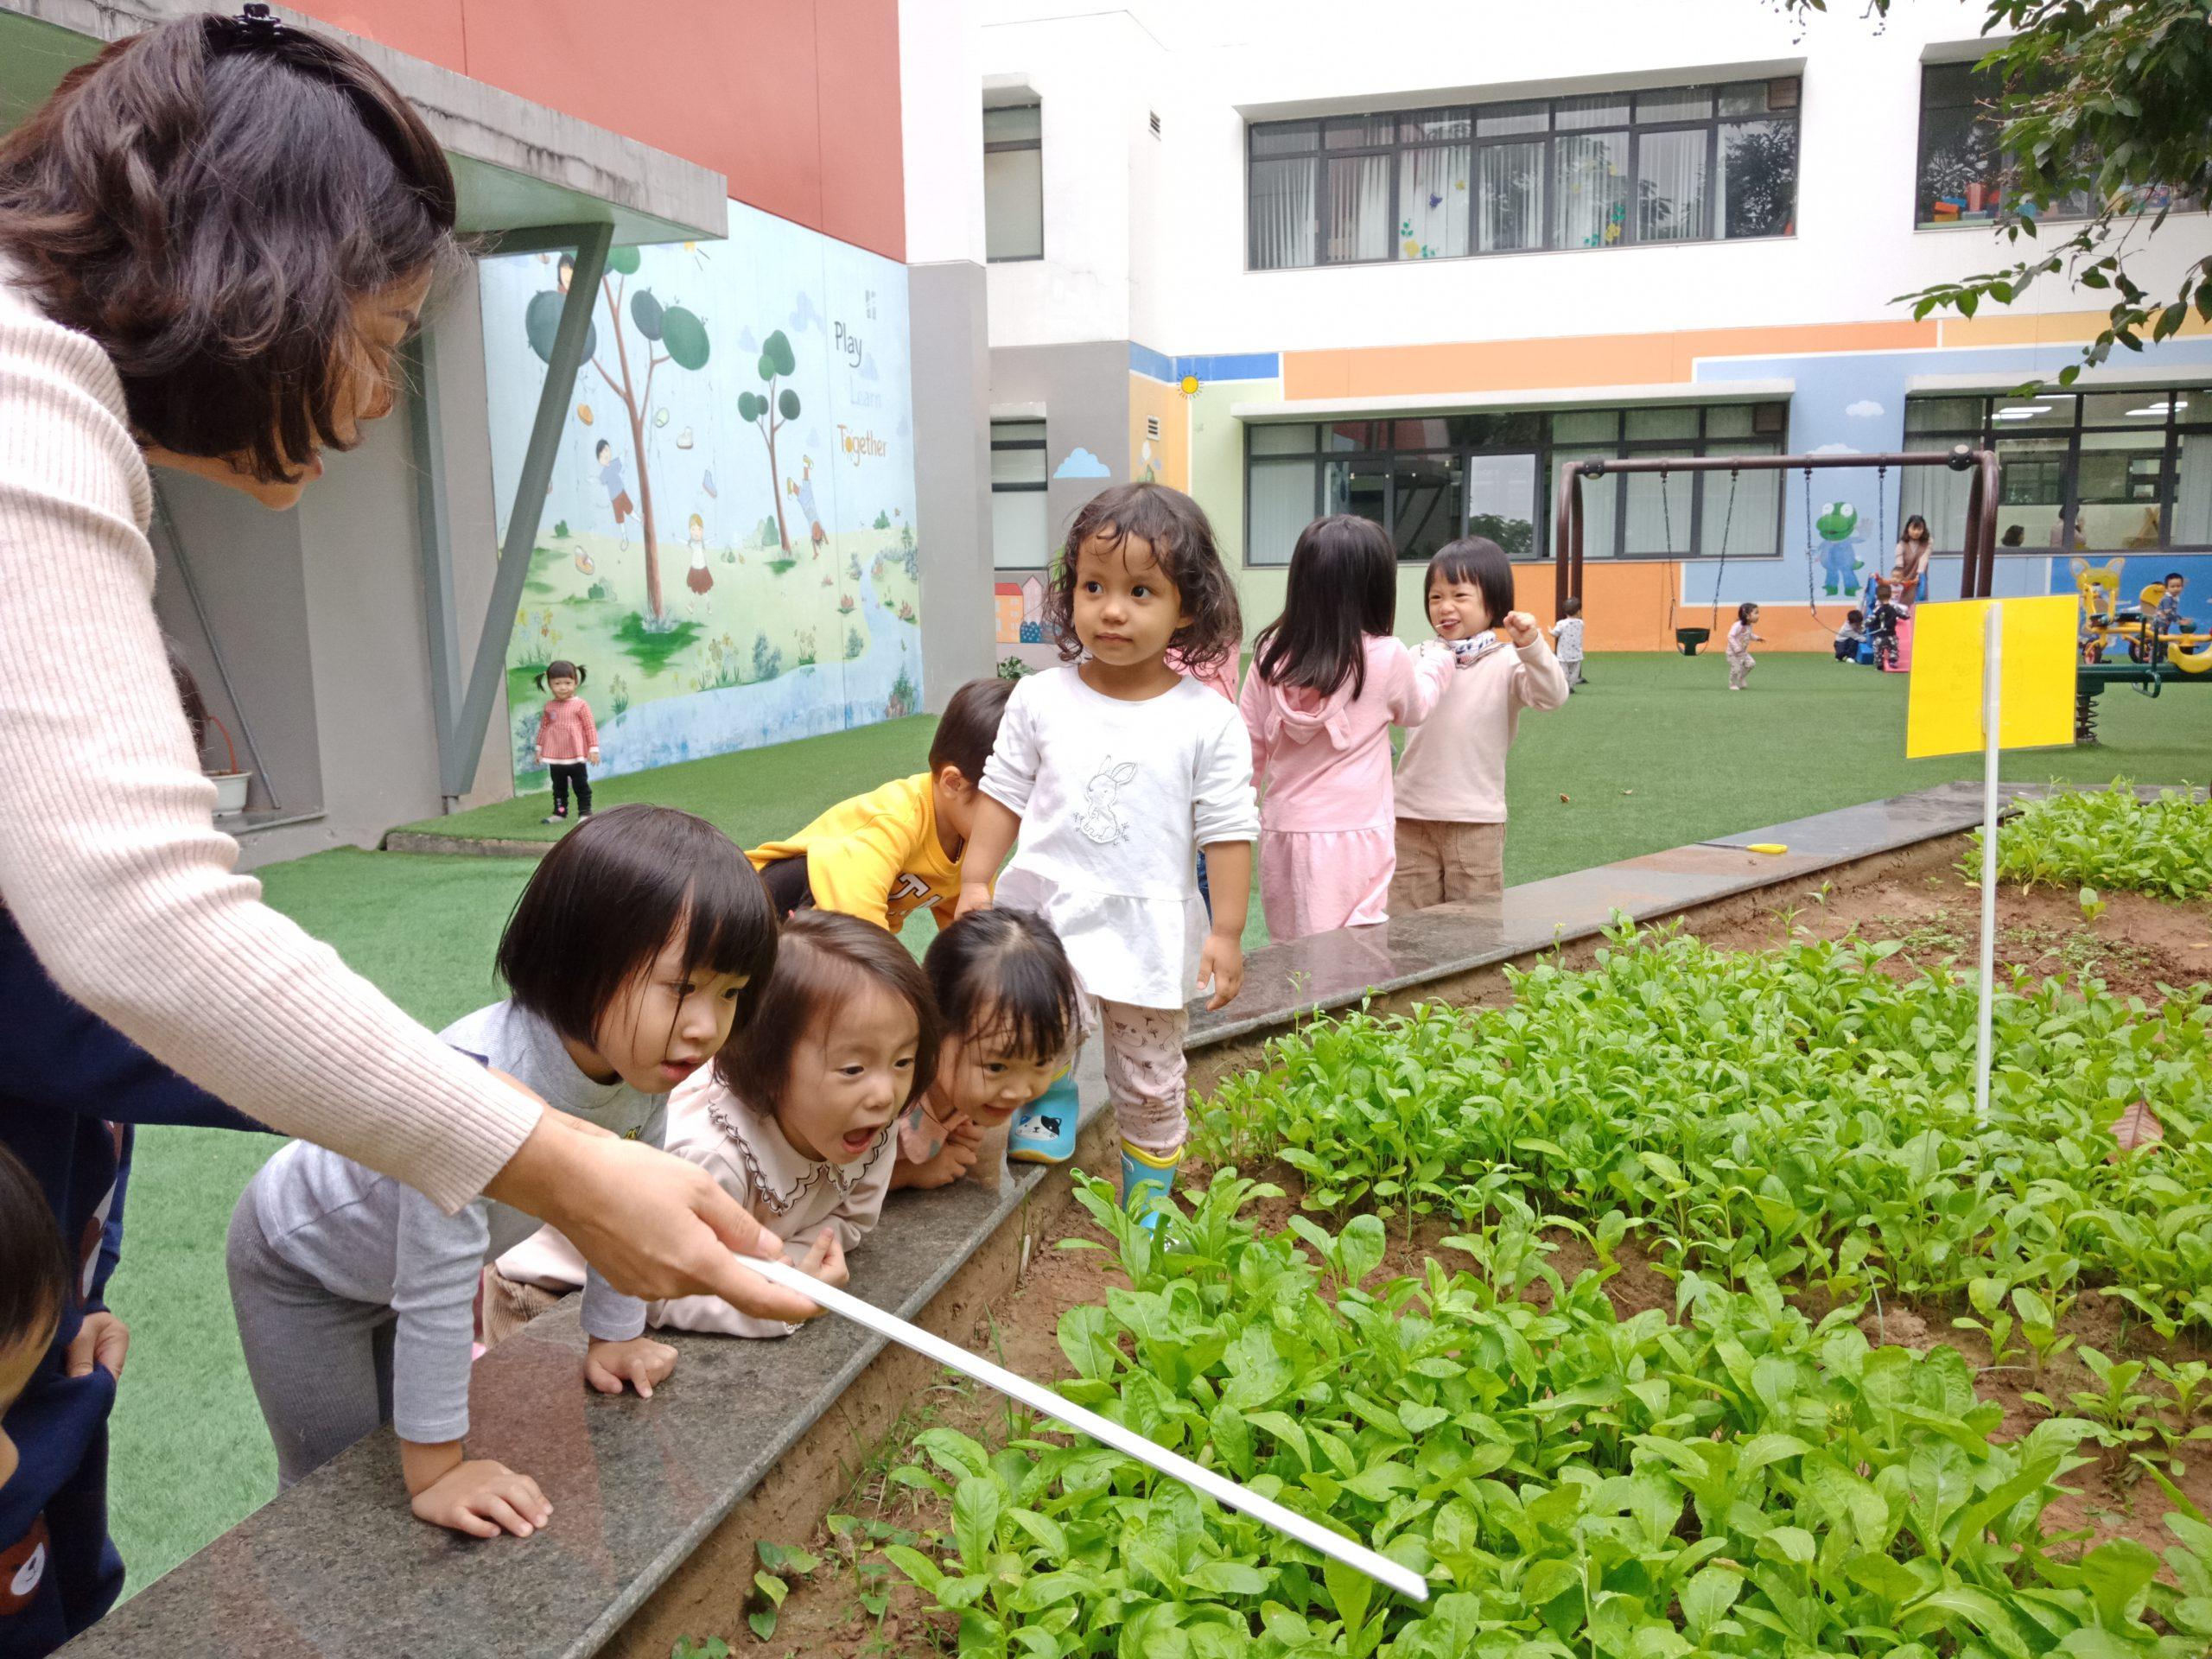 Hoạt động trồng rau sạch của các bạn nhỏ mẫu giáo bé khối Mầm non Trang chủ